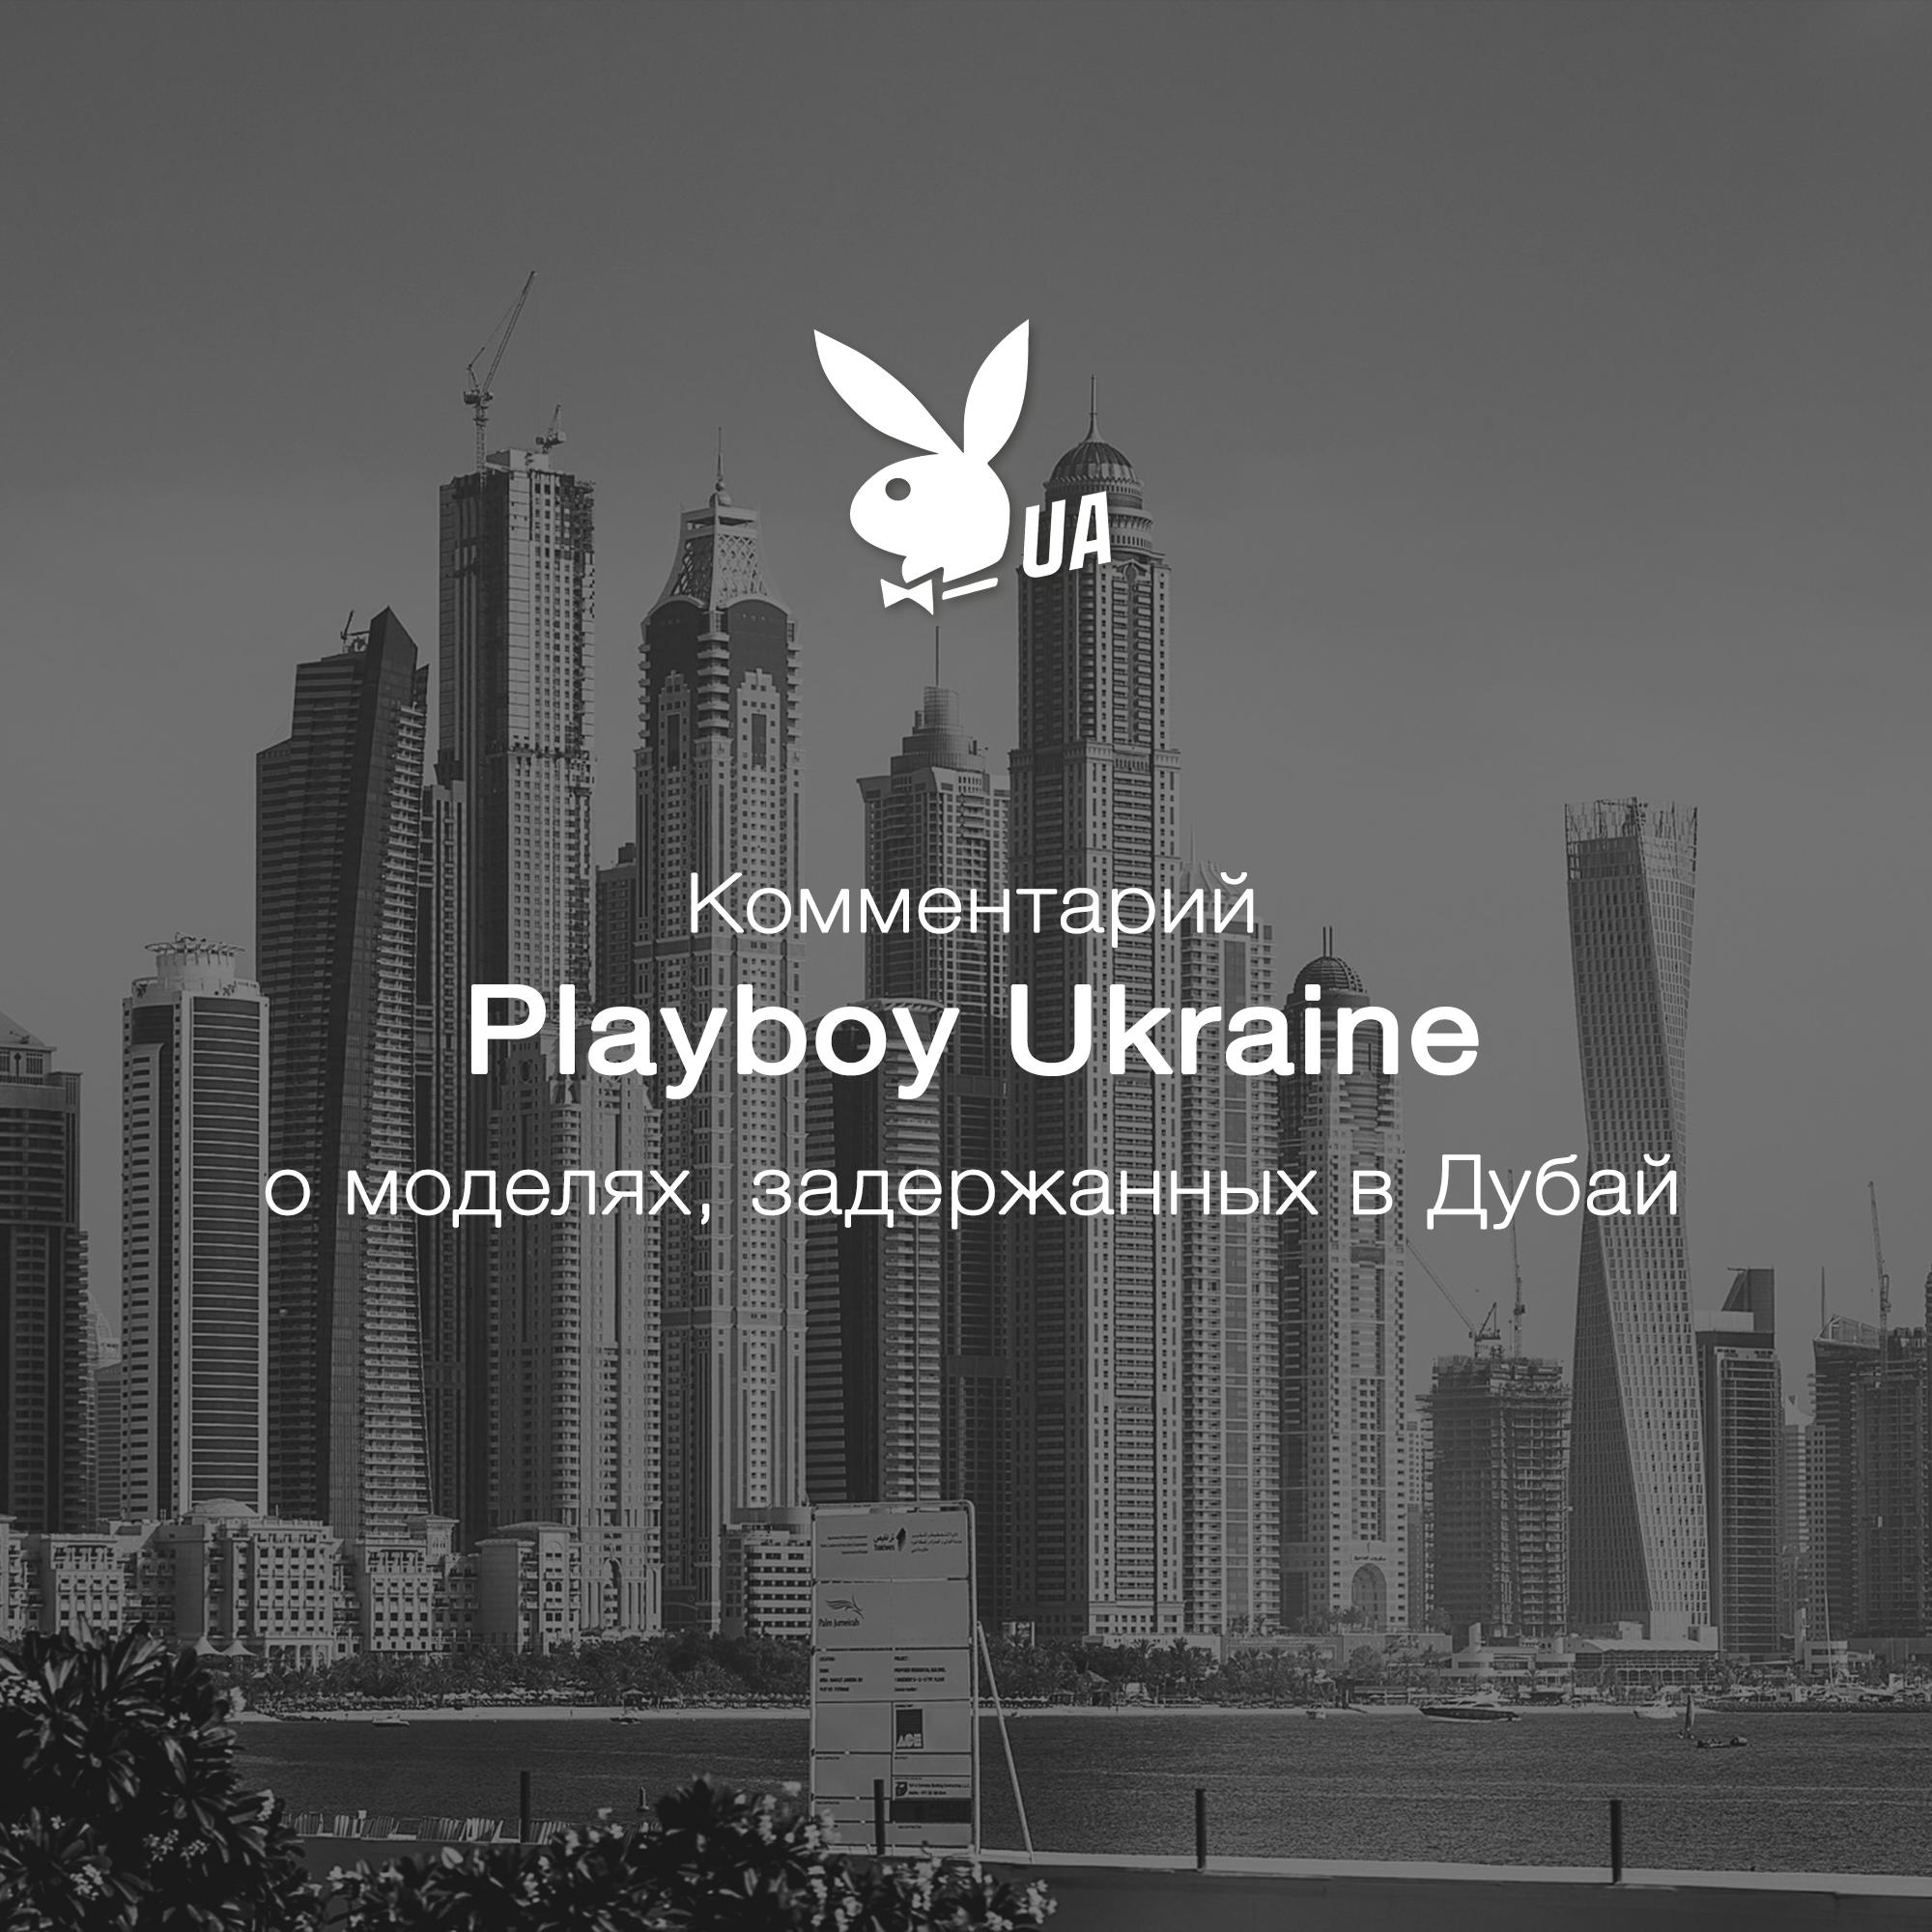 Комментарий Playboy Ukraine о моделях, задержанных в Дубае.